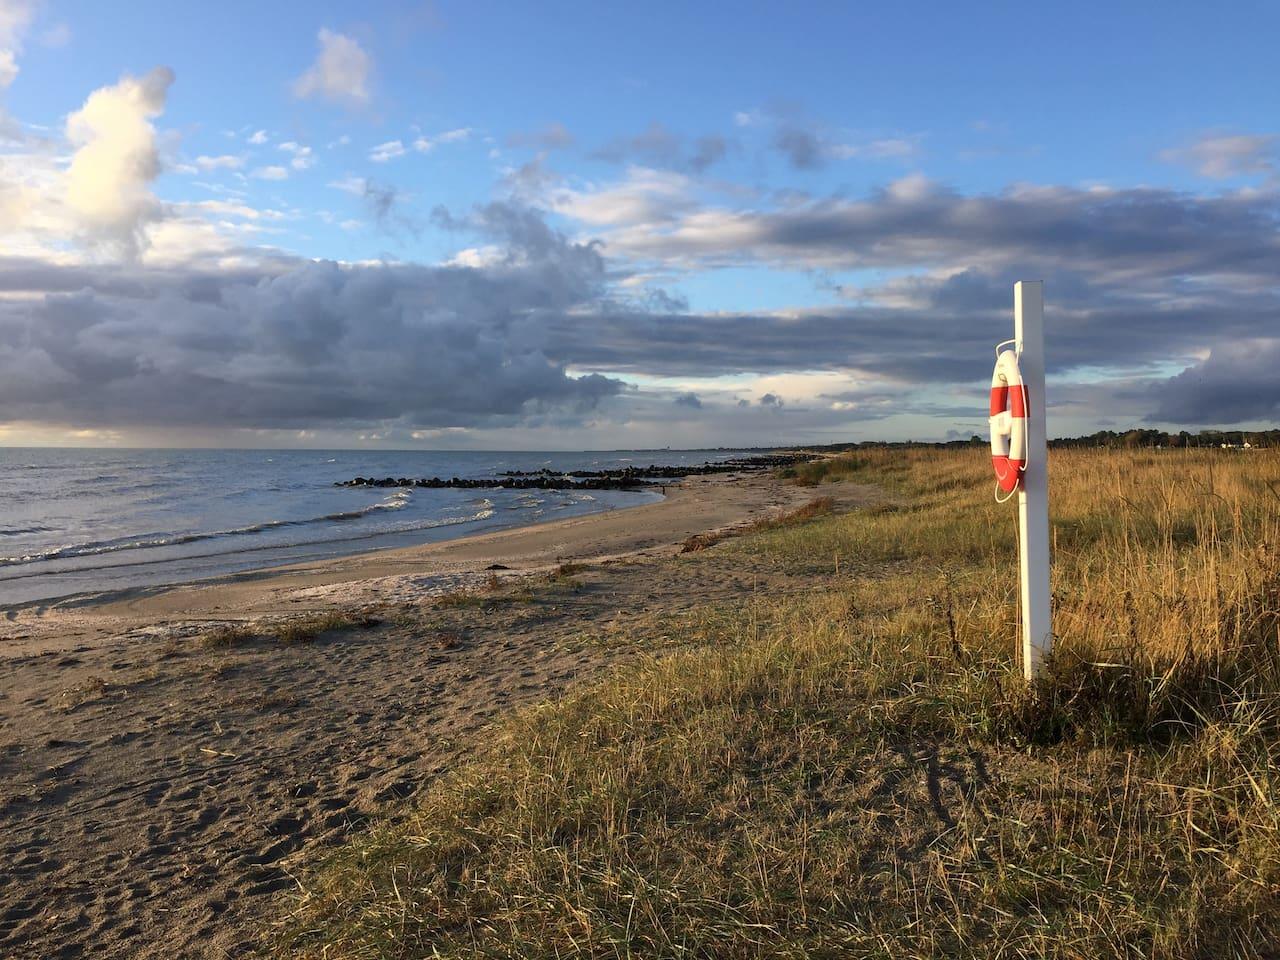 About 700 meters to Vangen beach.